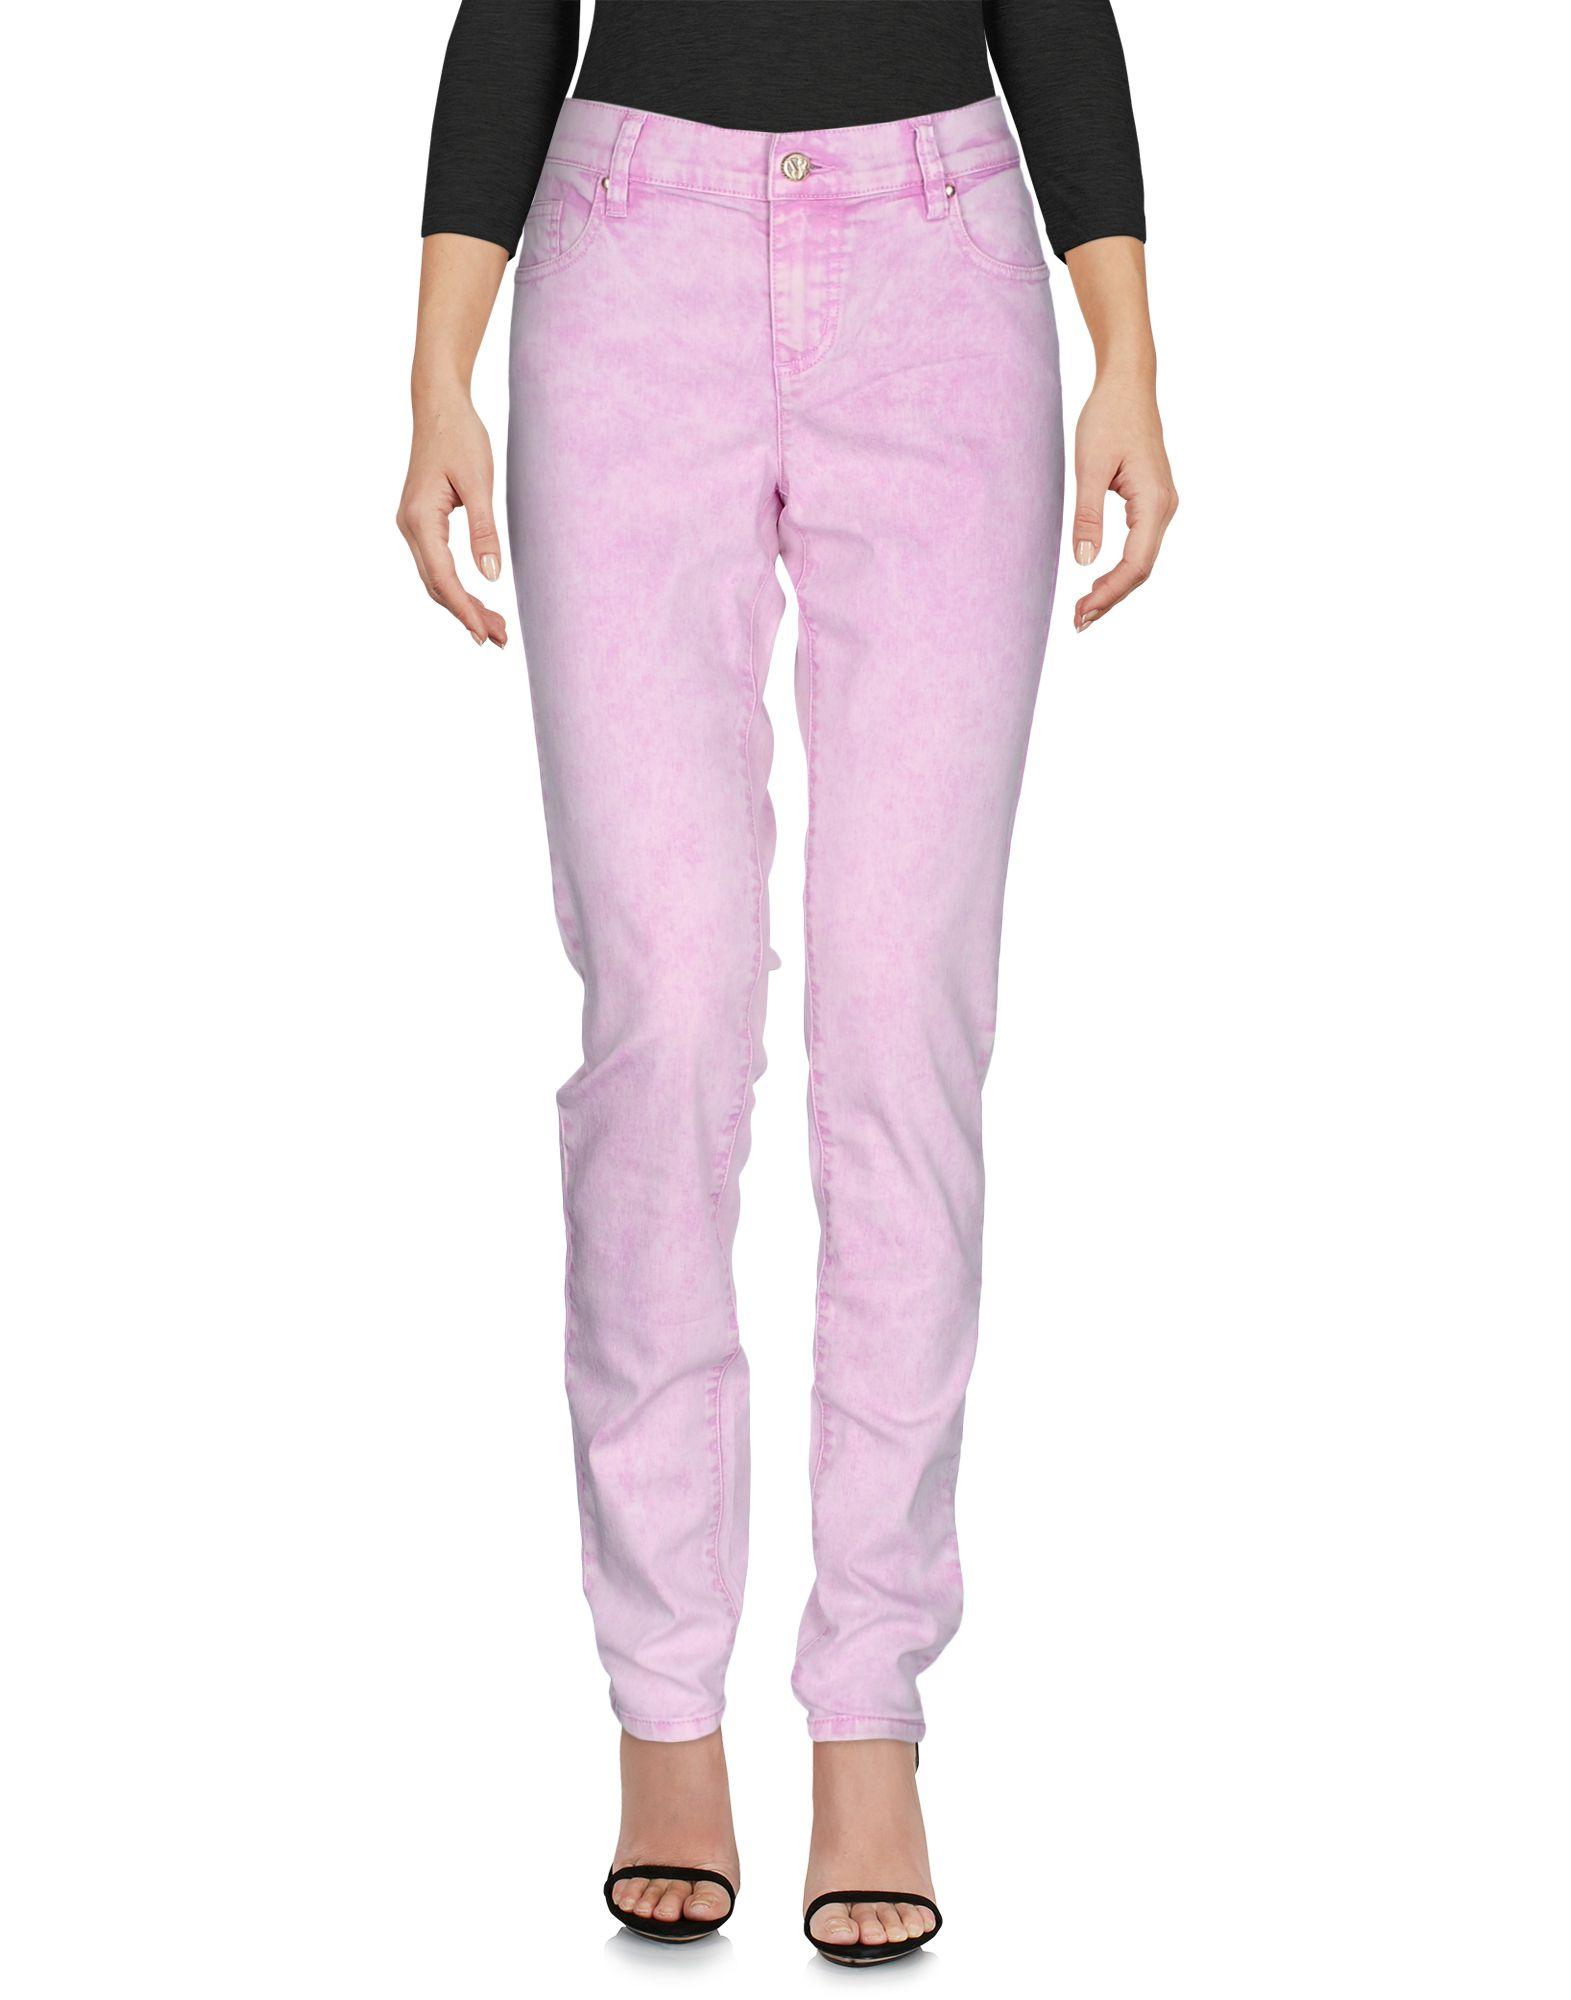 VERSACE JEANS Damen Jeanshose Farbe Flieder Größe 6 jetztbilligerkaufen